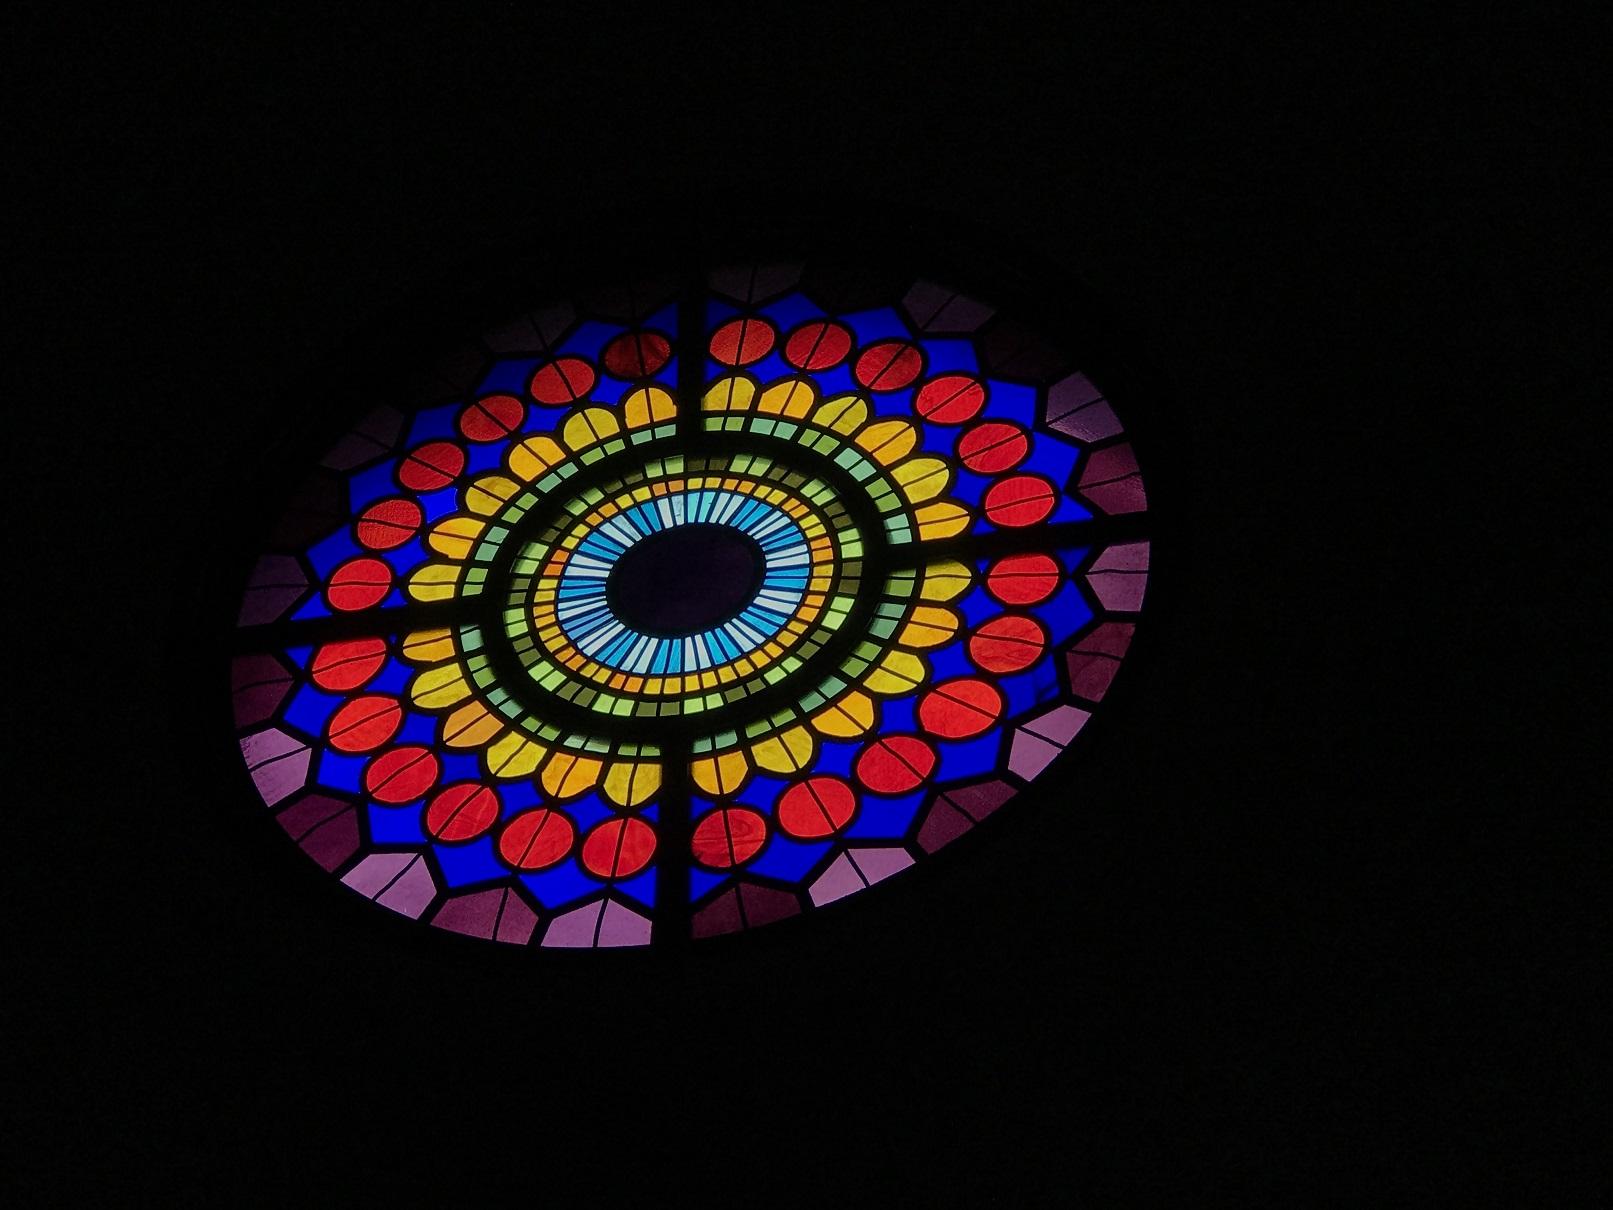 インチョン教区カテドラルのステンドグラス